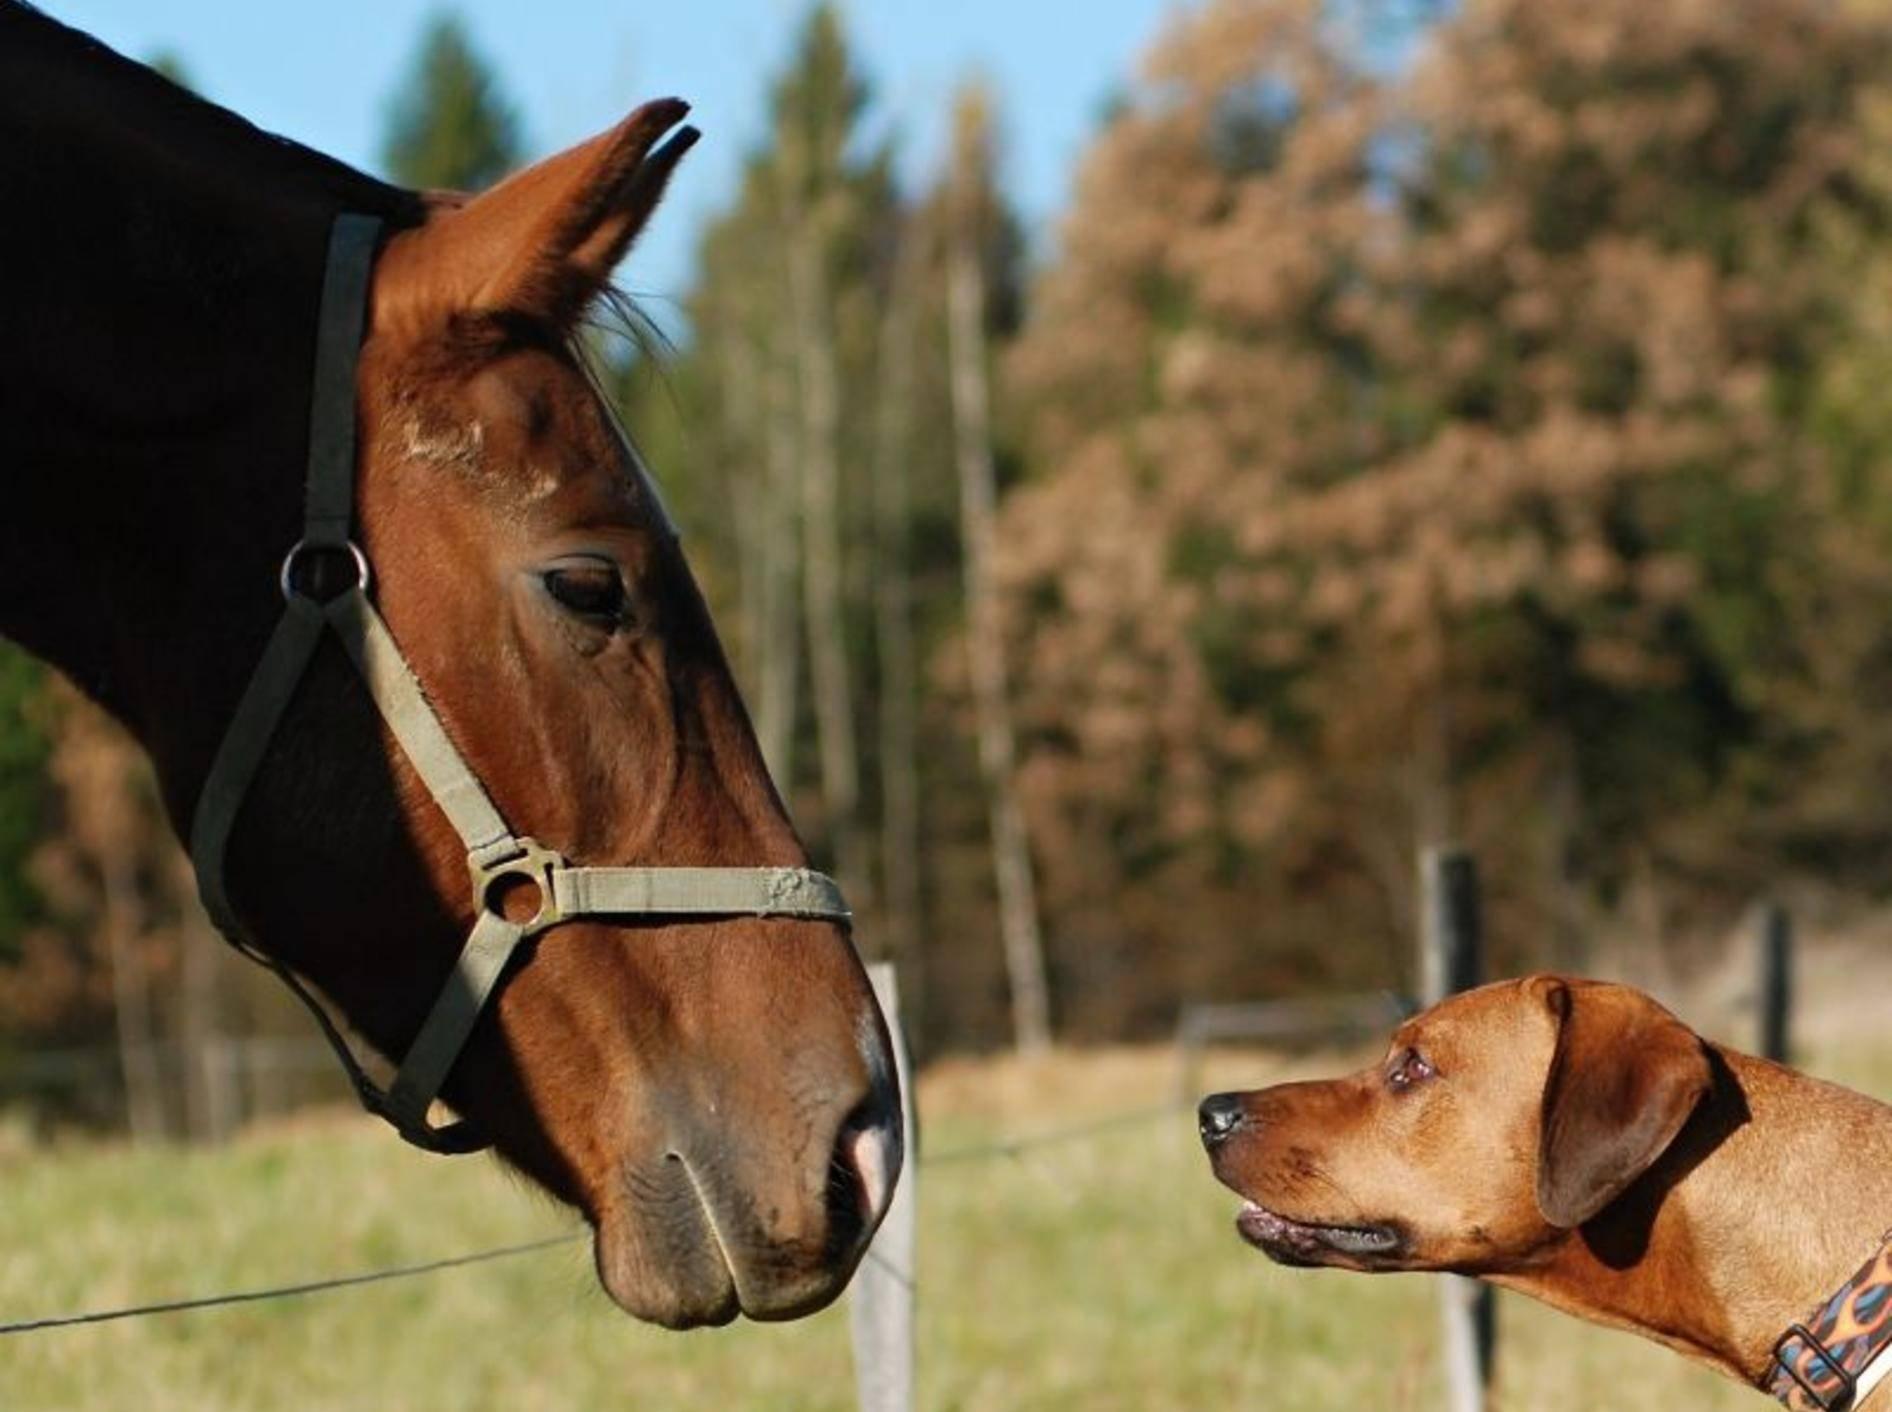 Das erste Treffen zwischen Hund und Pferd ist für beide aufregend – Bild: Shutterstock / Sheeva1